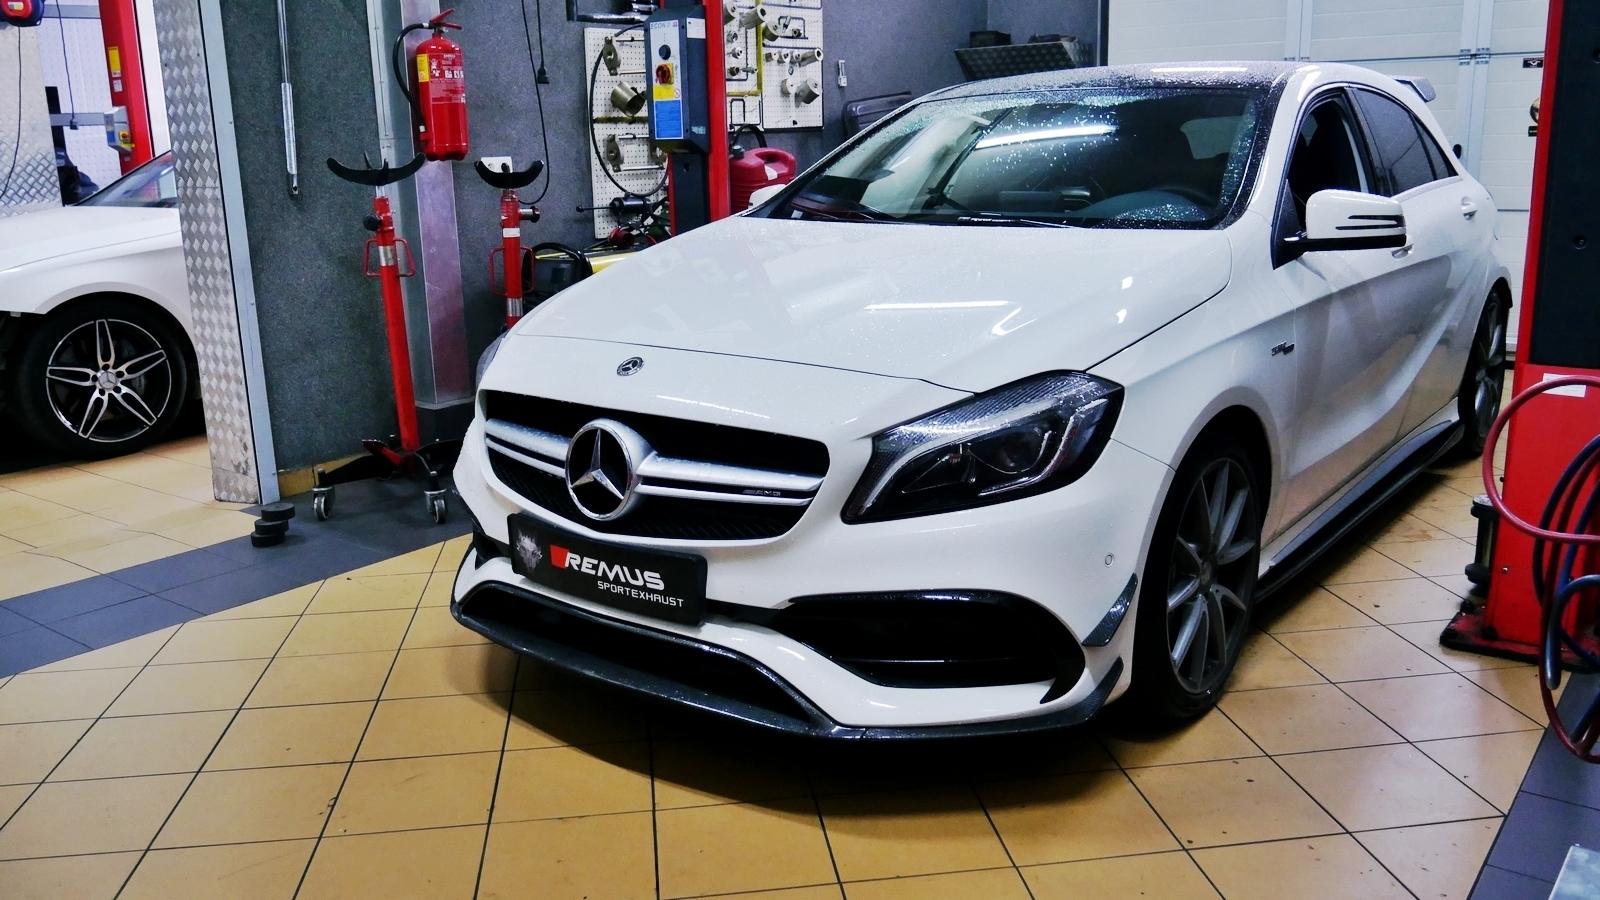 Mercedes-AMG A45 Remus